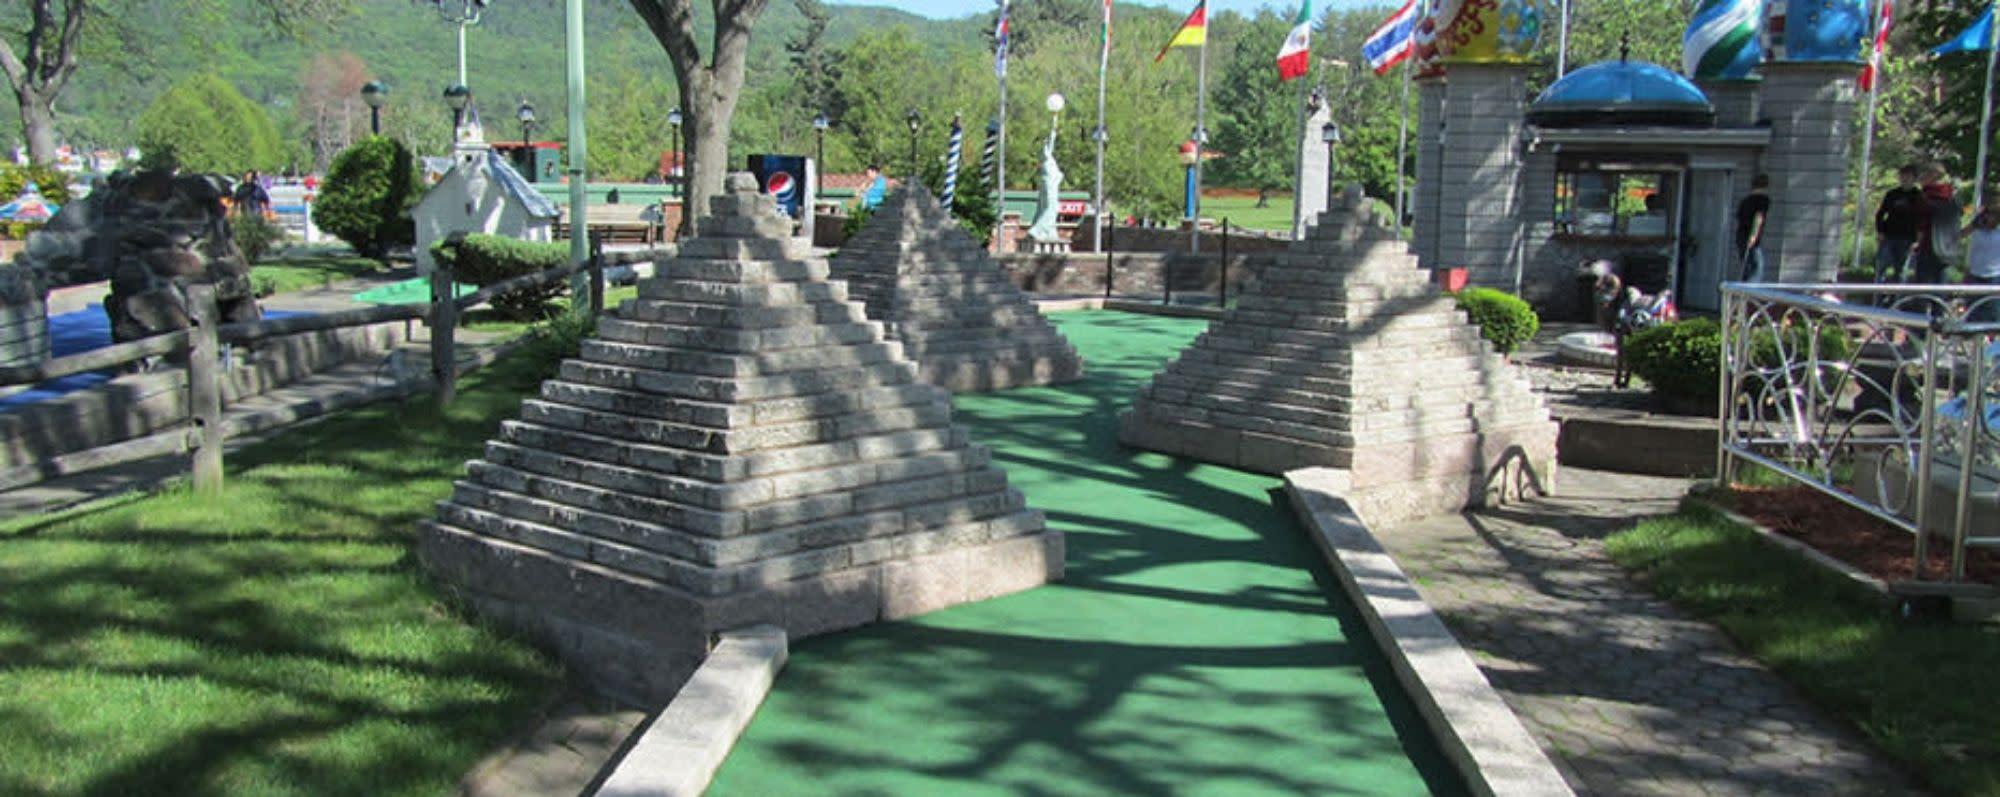 Pyramids at Around the World mini-golf